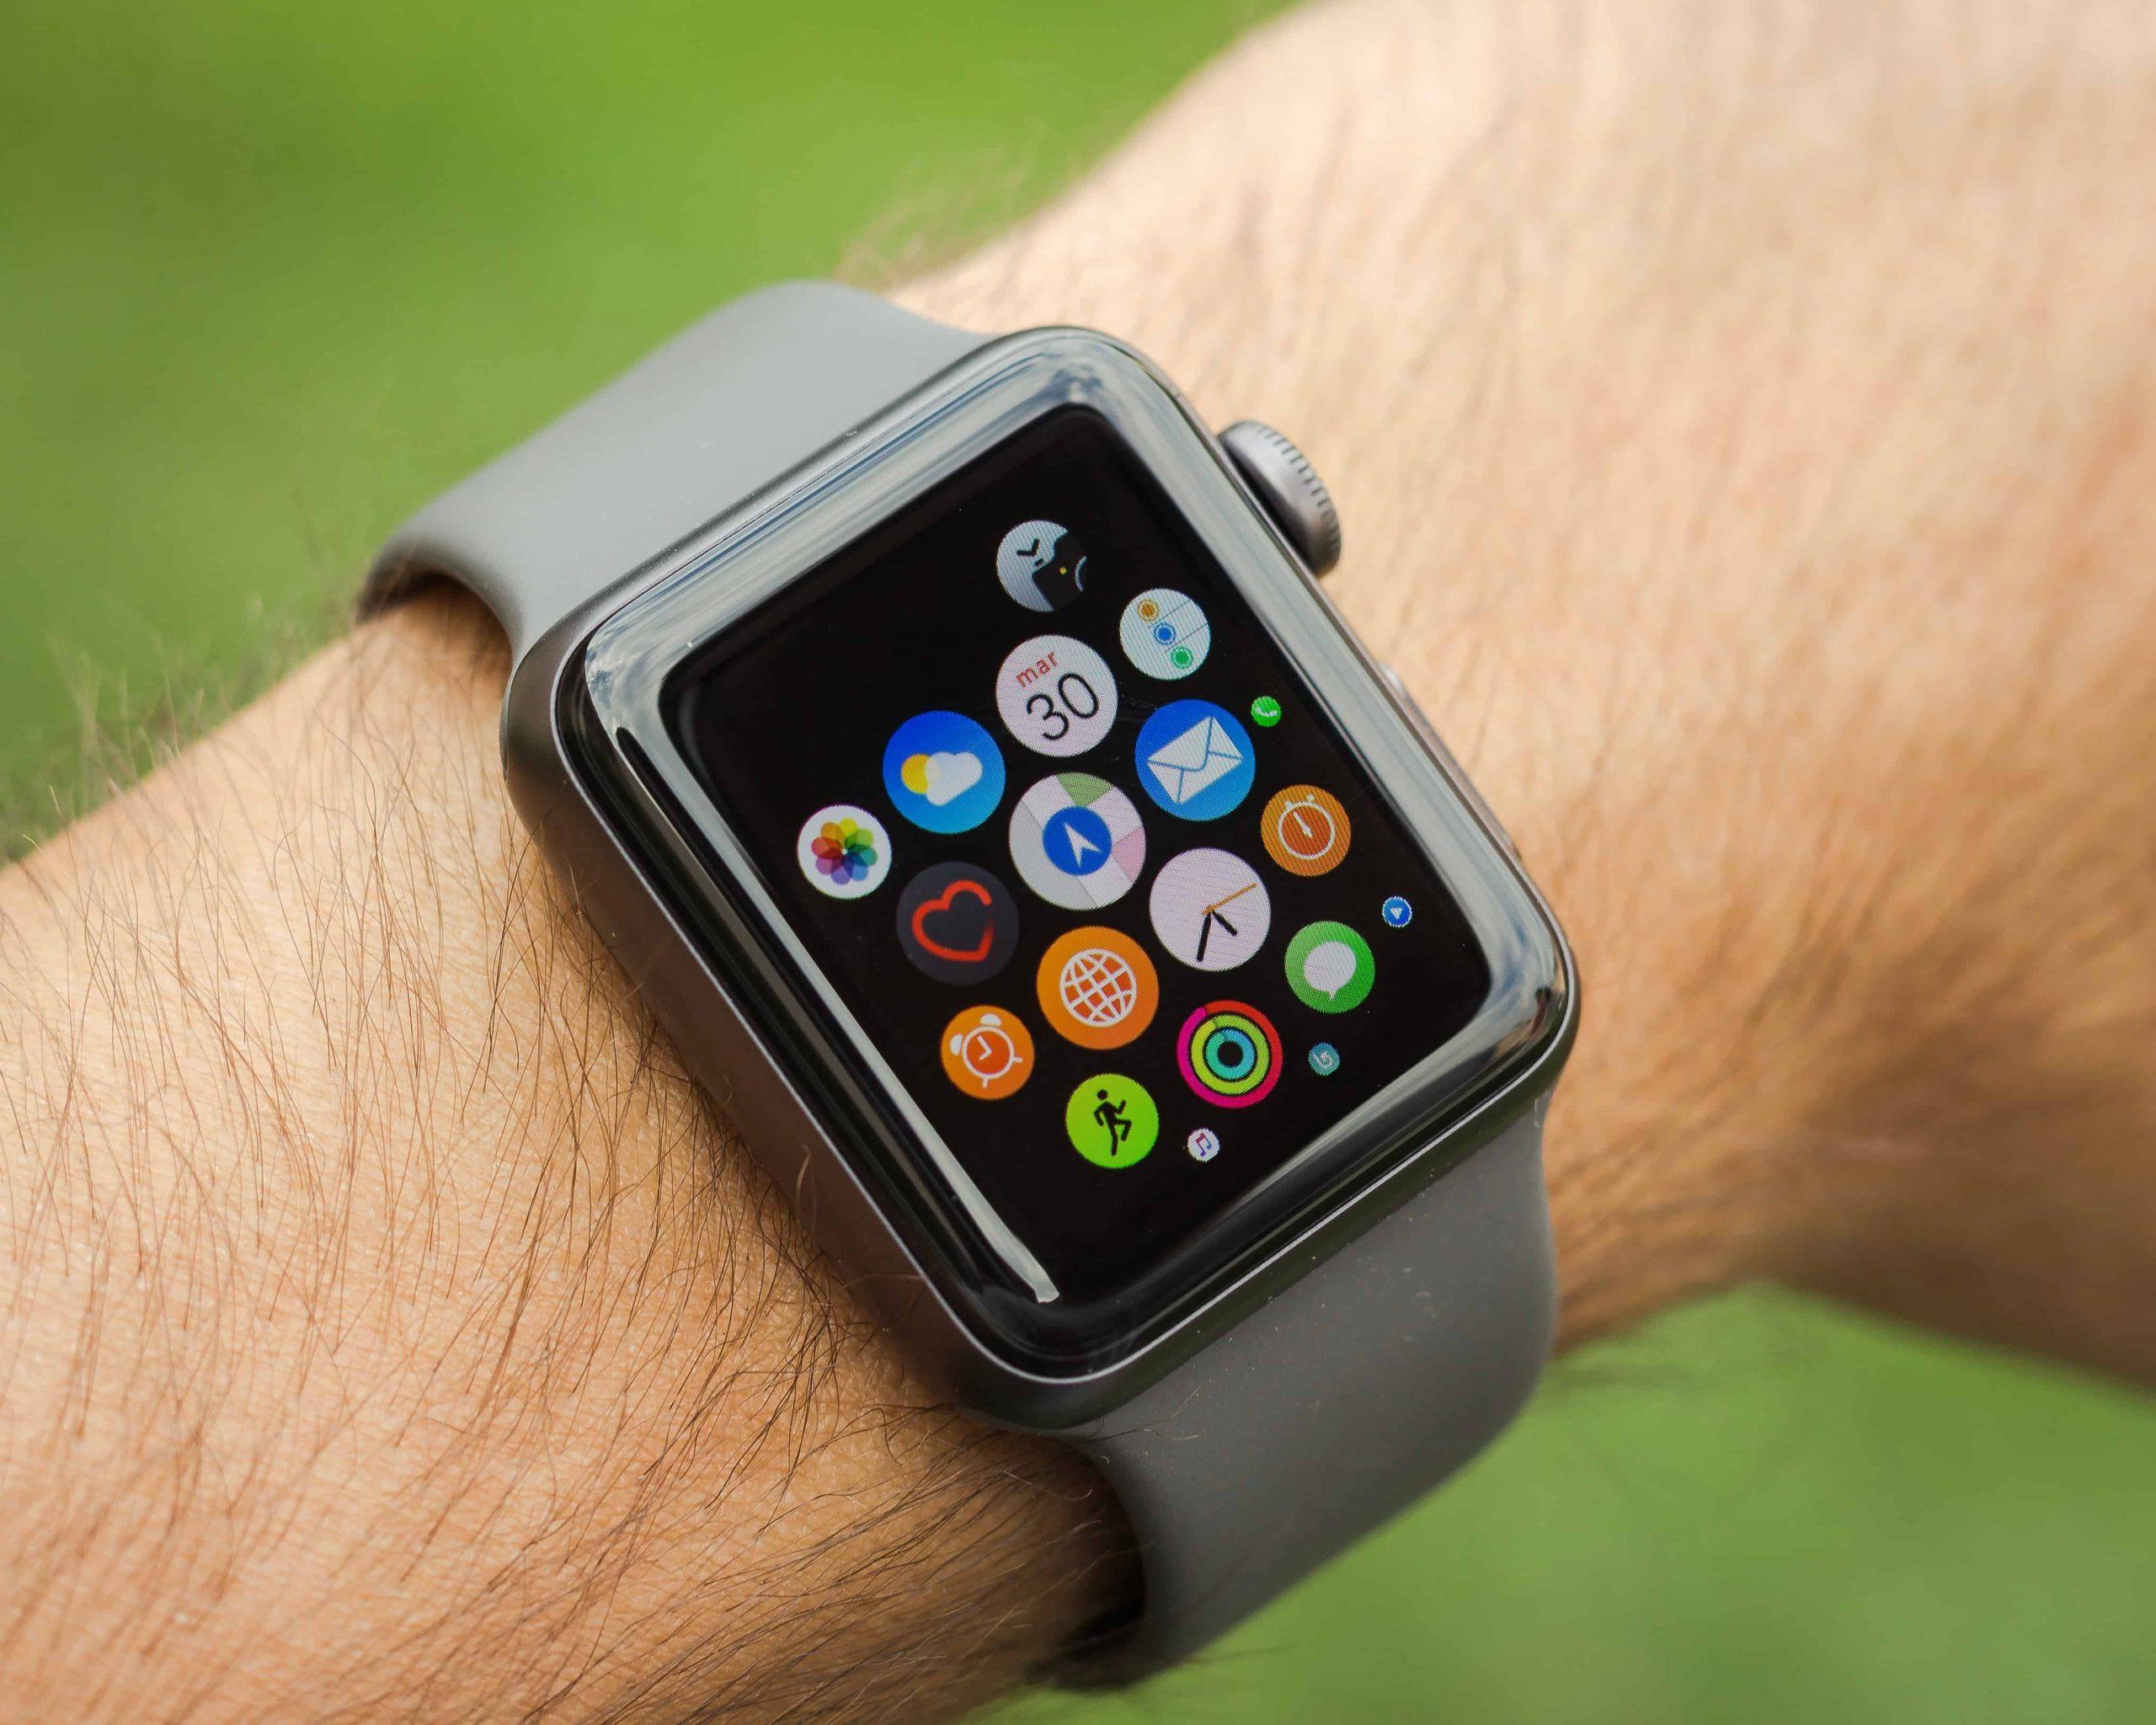 Miglior Apple Watch 2021: Guida all'acquisto